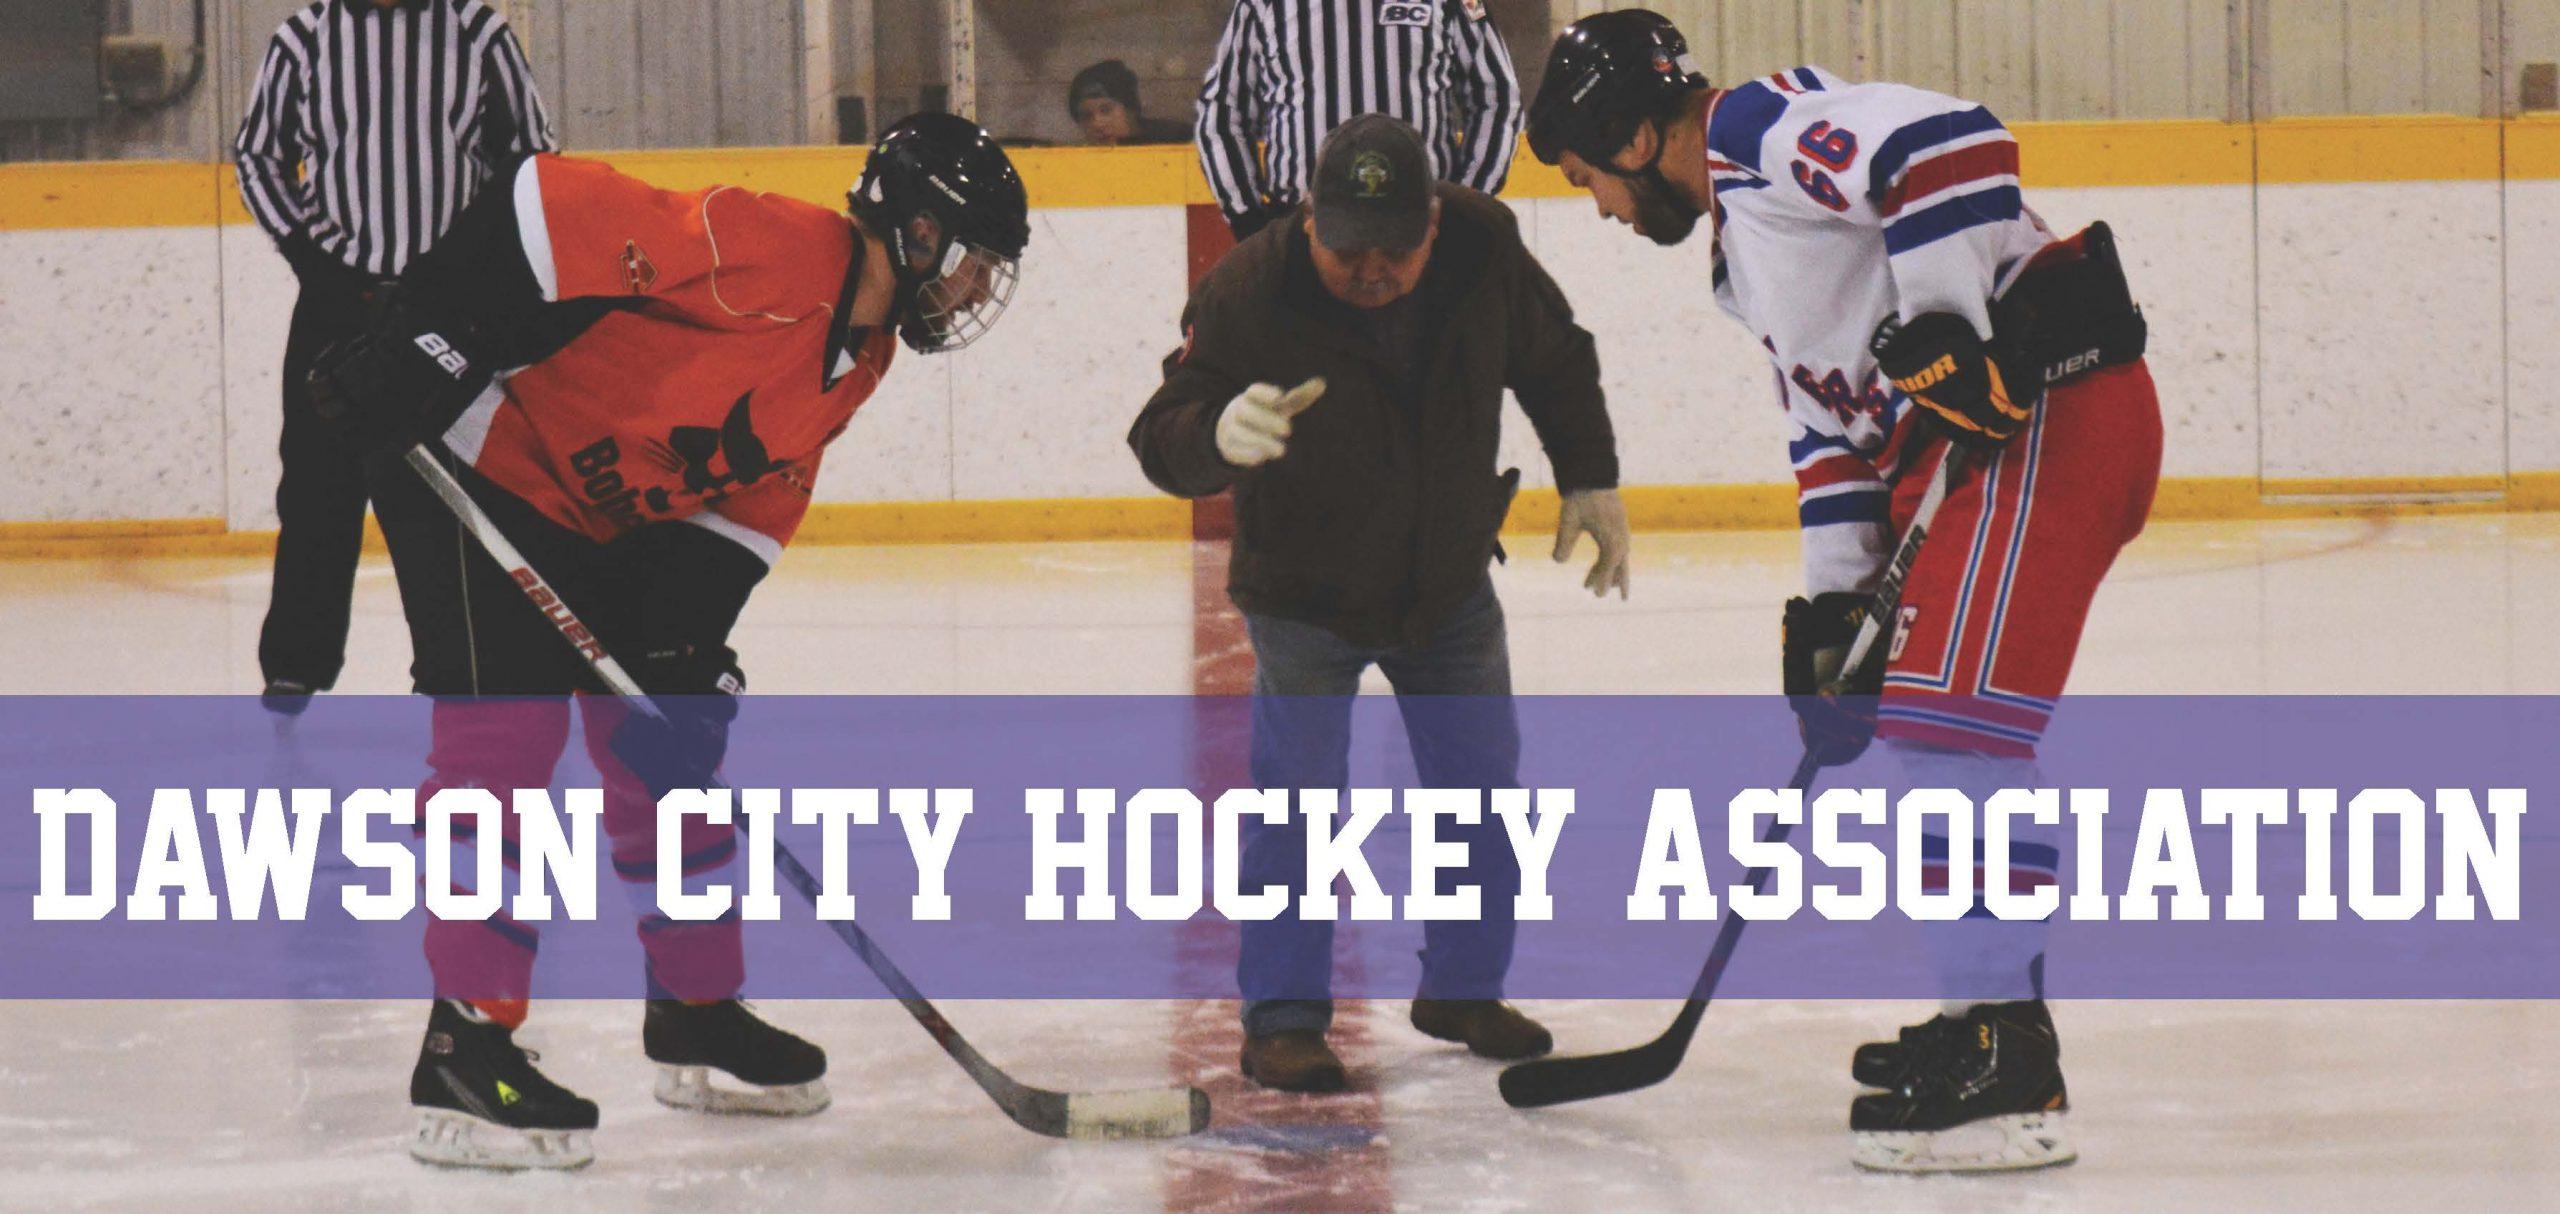 Dawson City Hockey Association